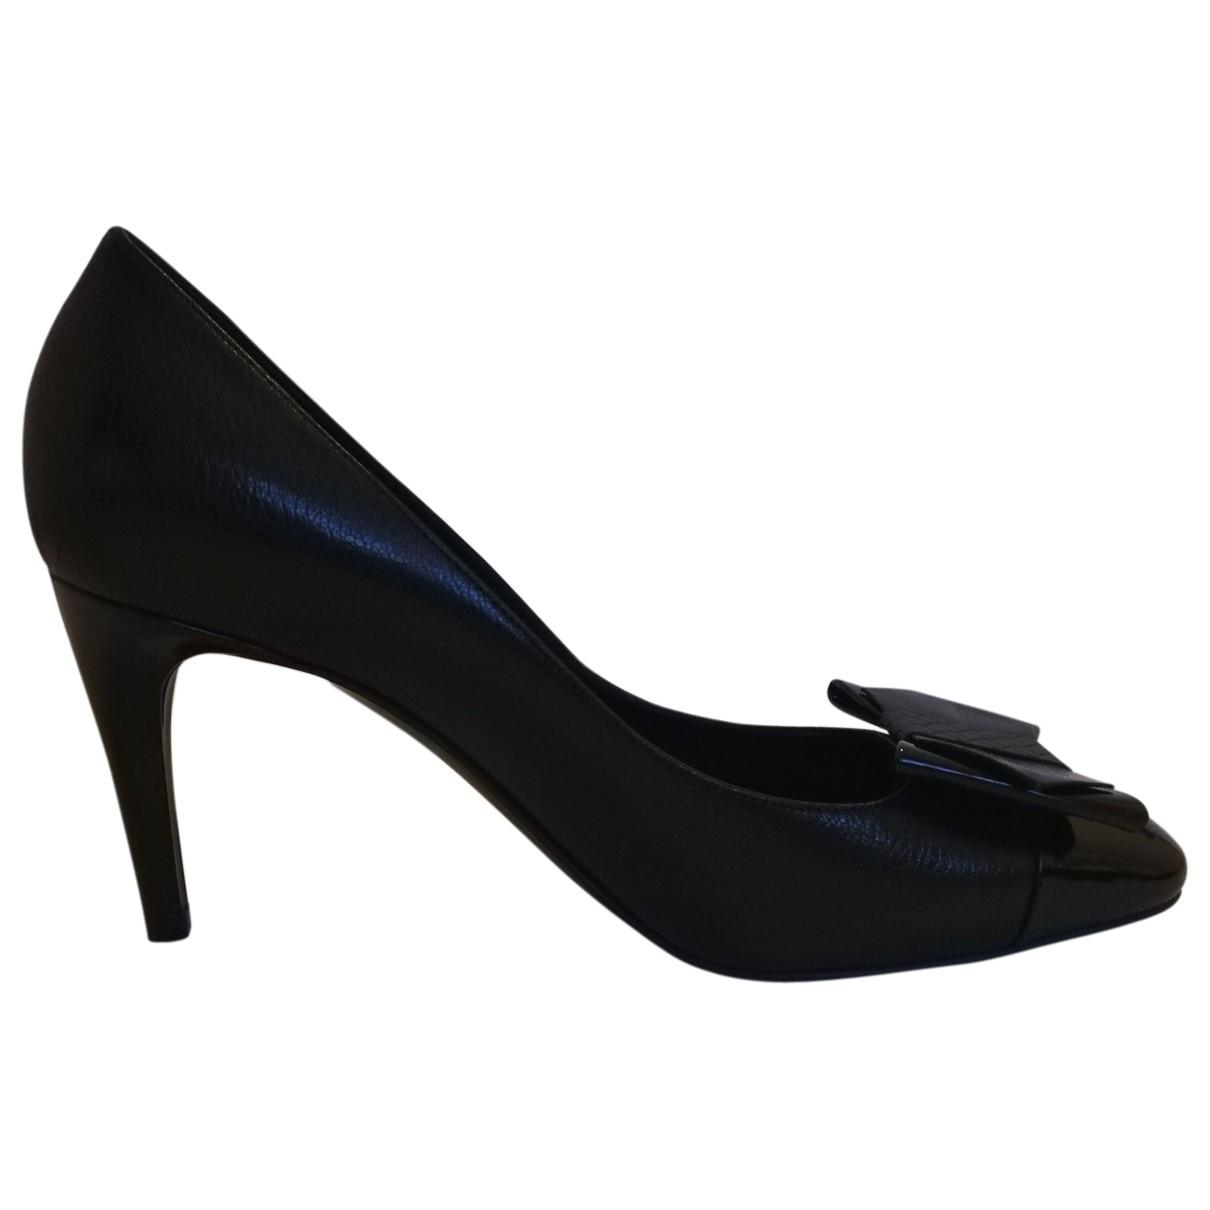 Bottega Veneta \N Black Leather Heels for Women 40.5 EU